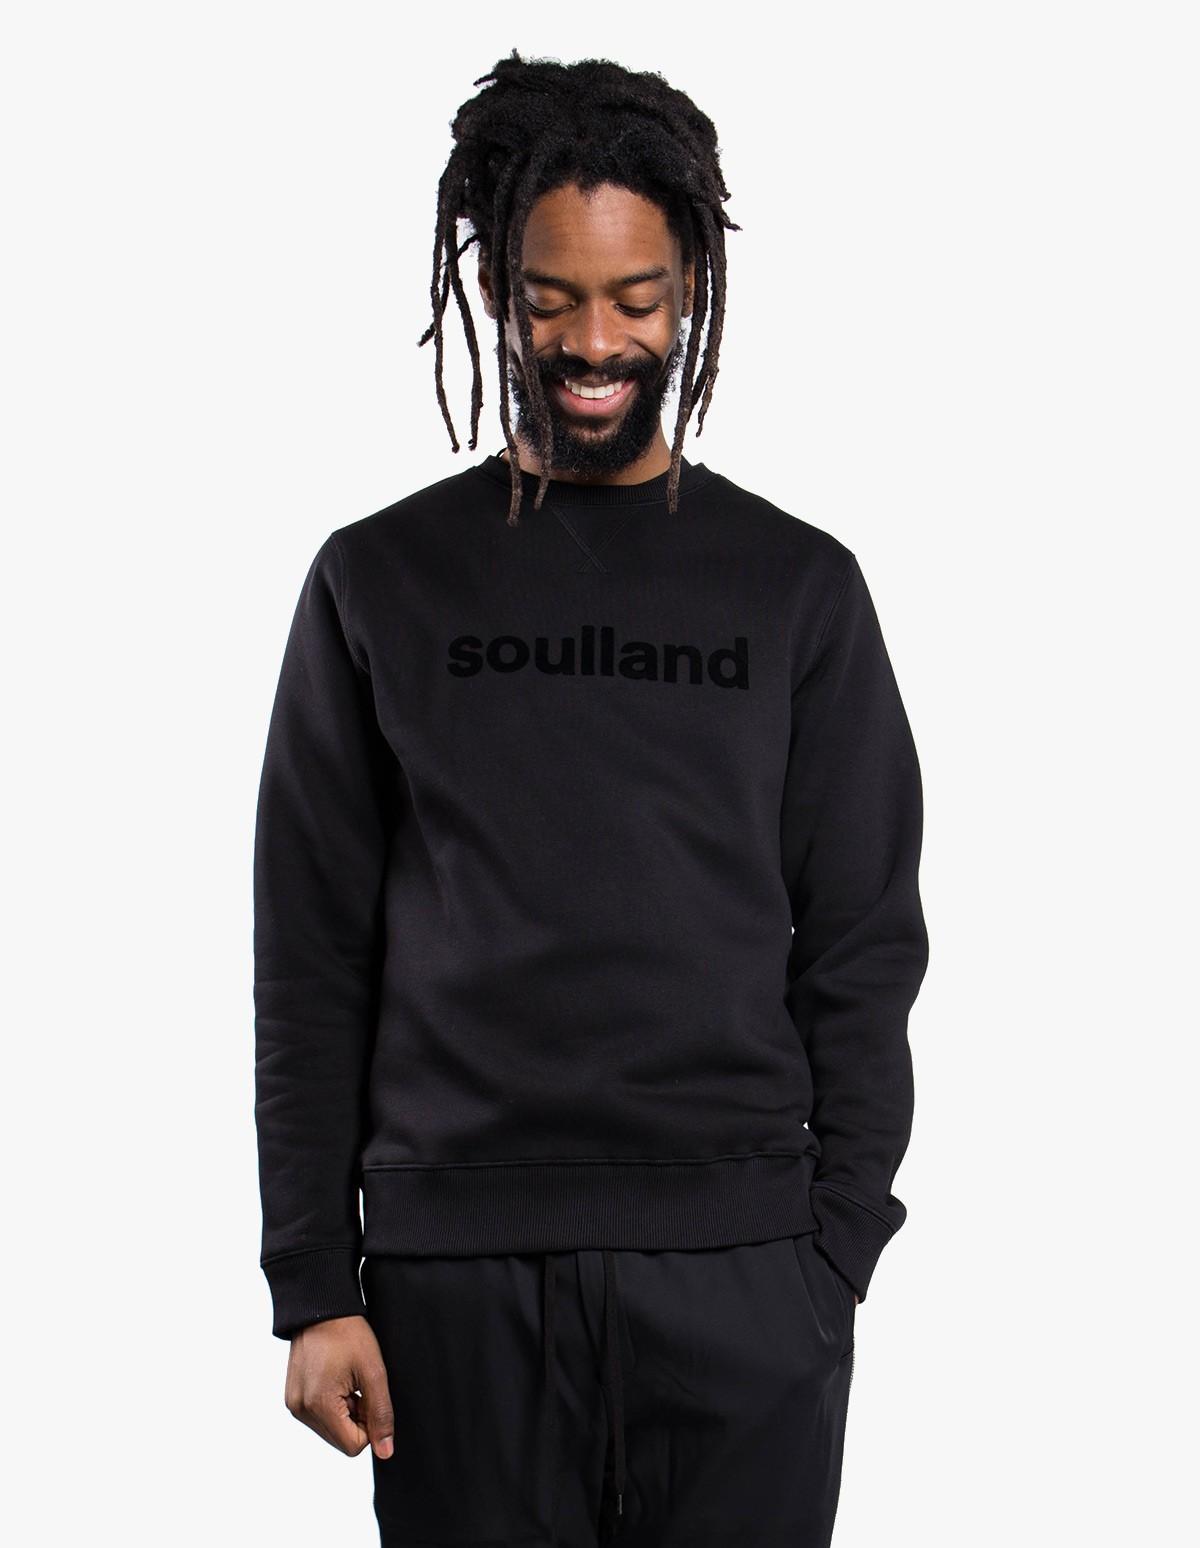 Soulland Logic Willie Crewneck  in Black